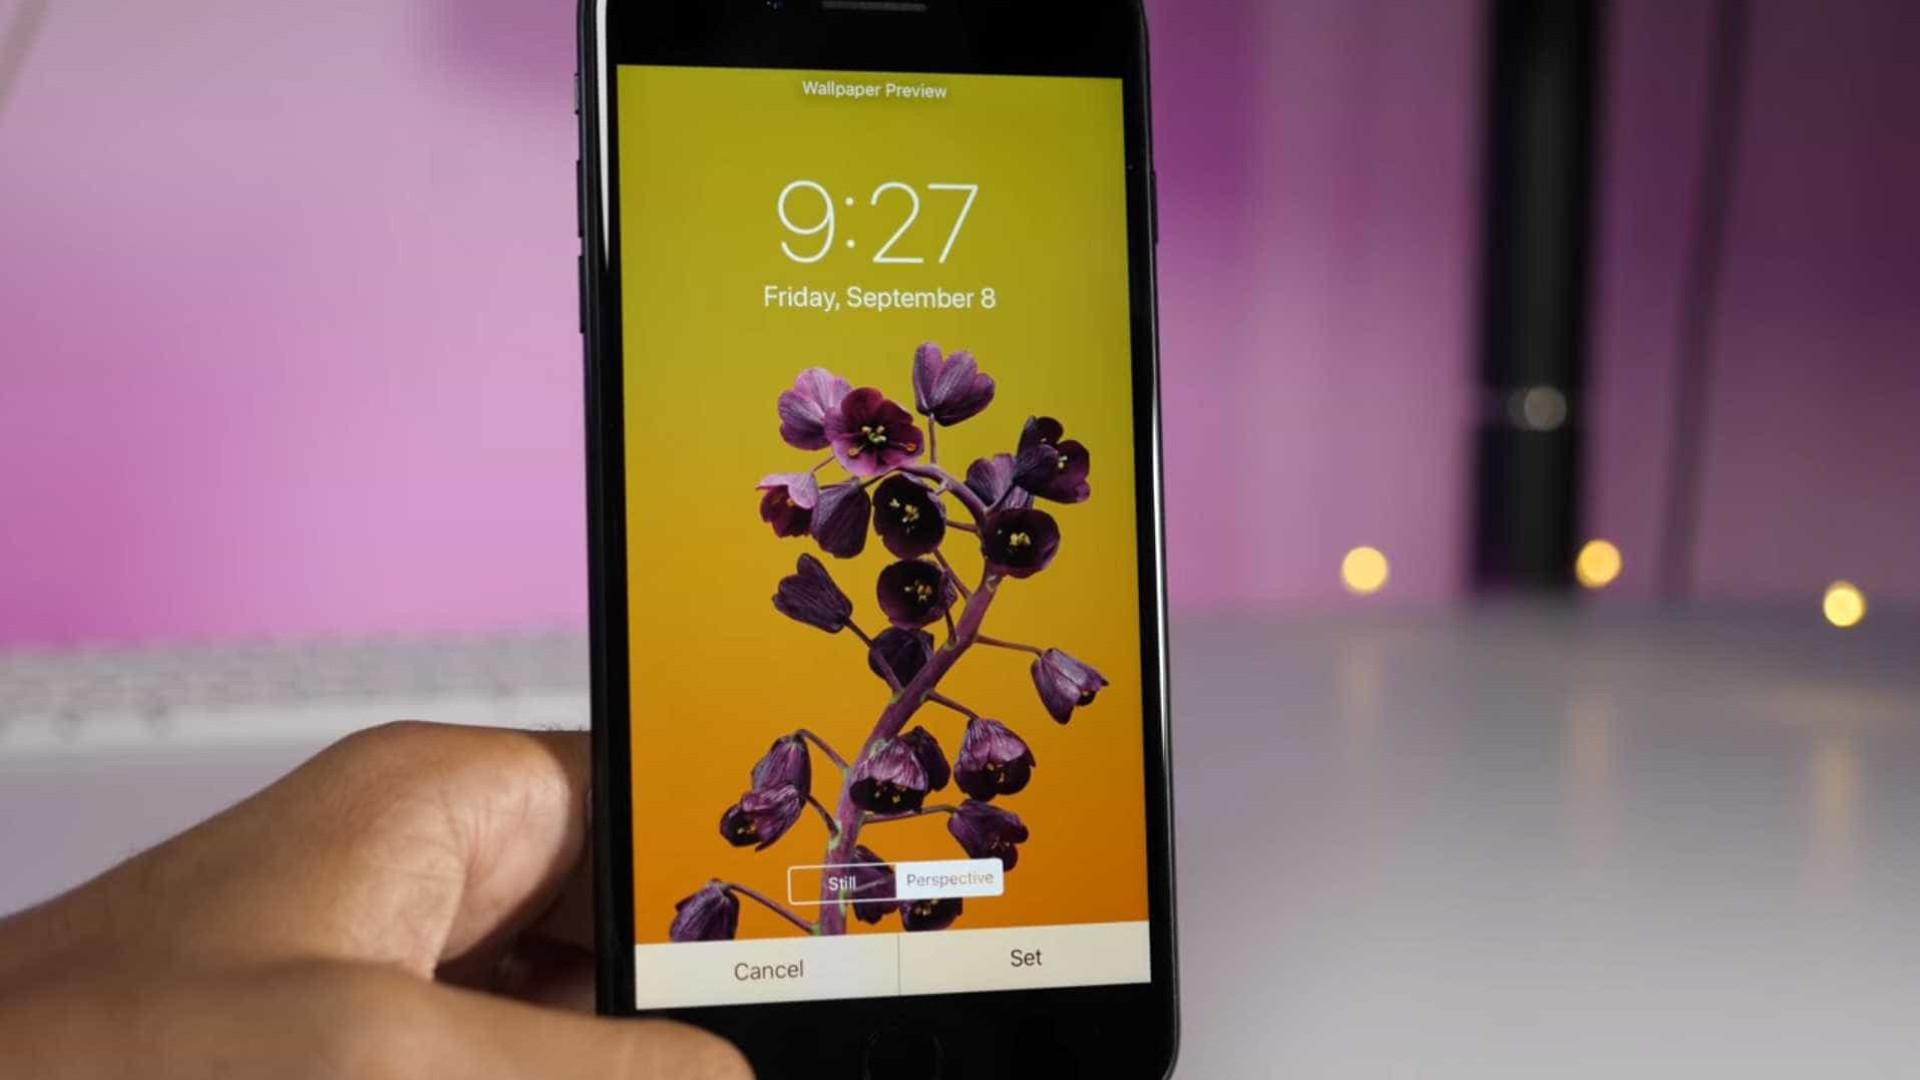 Eis os novos fundos de ecrã do próximo iPhone